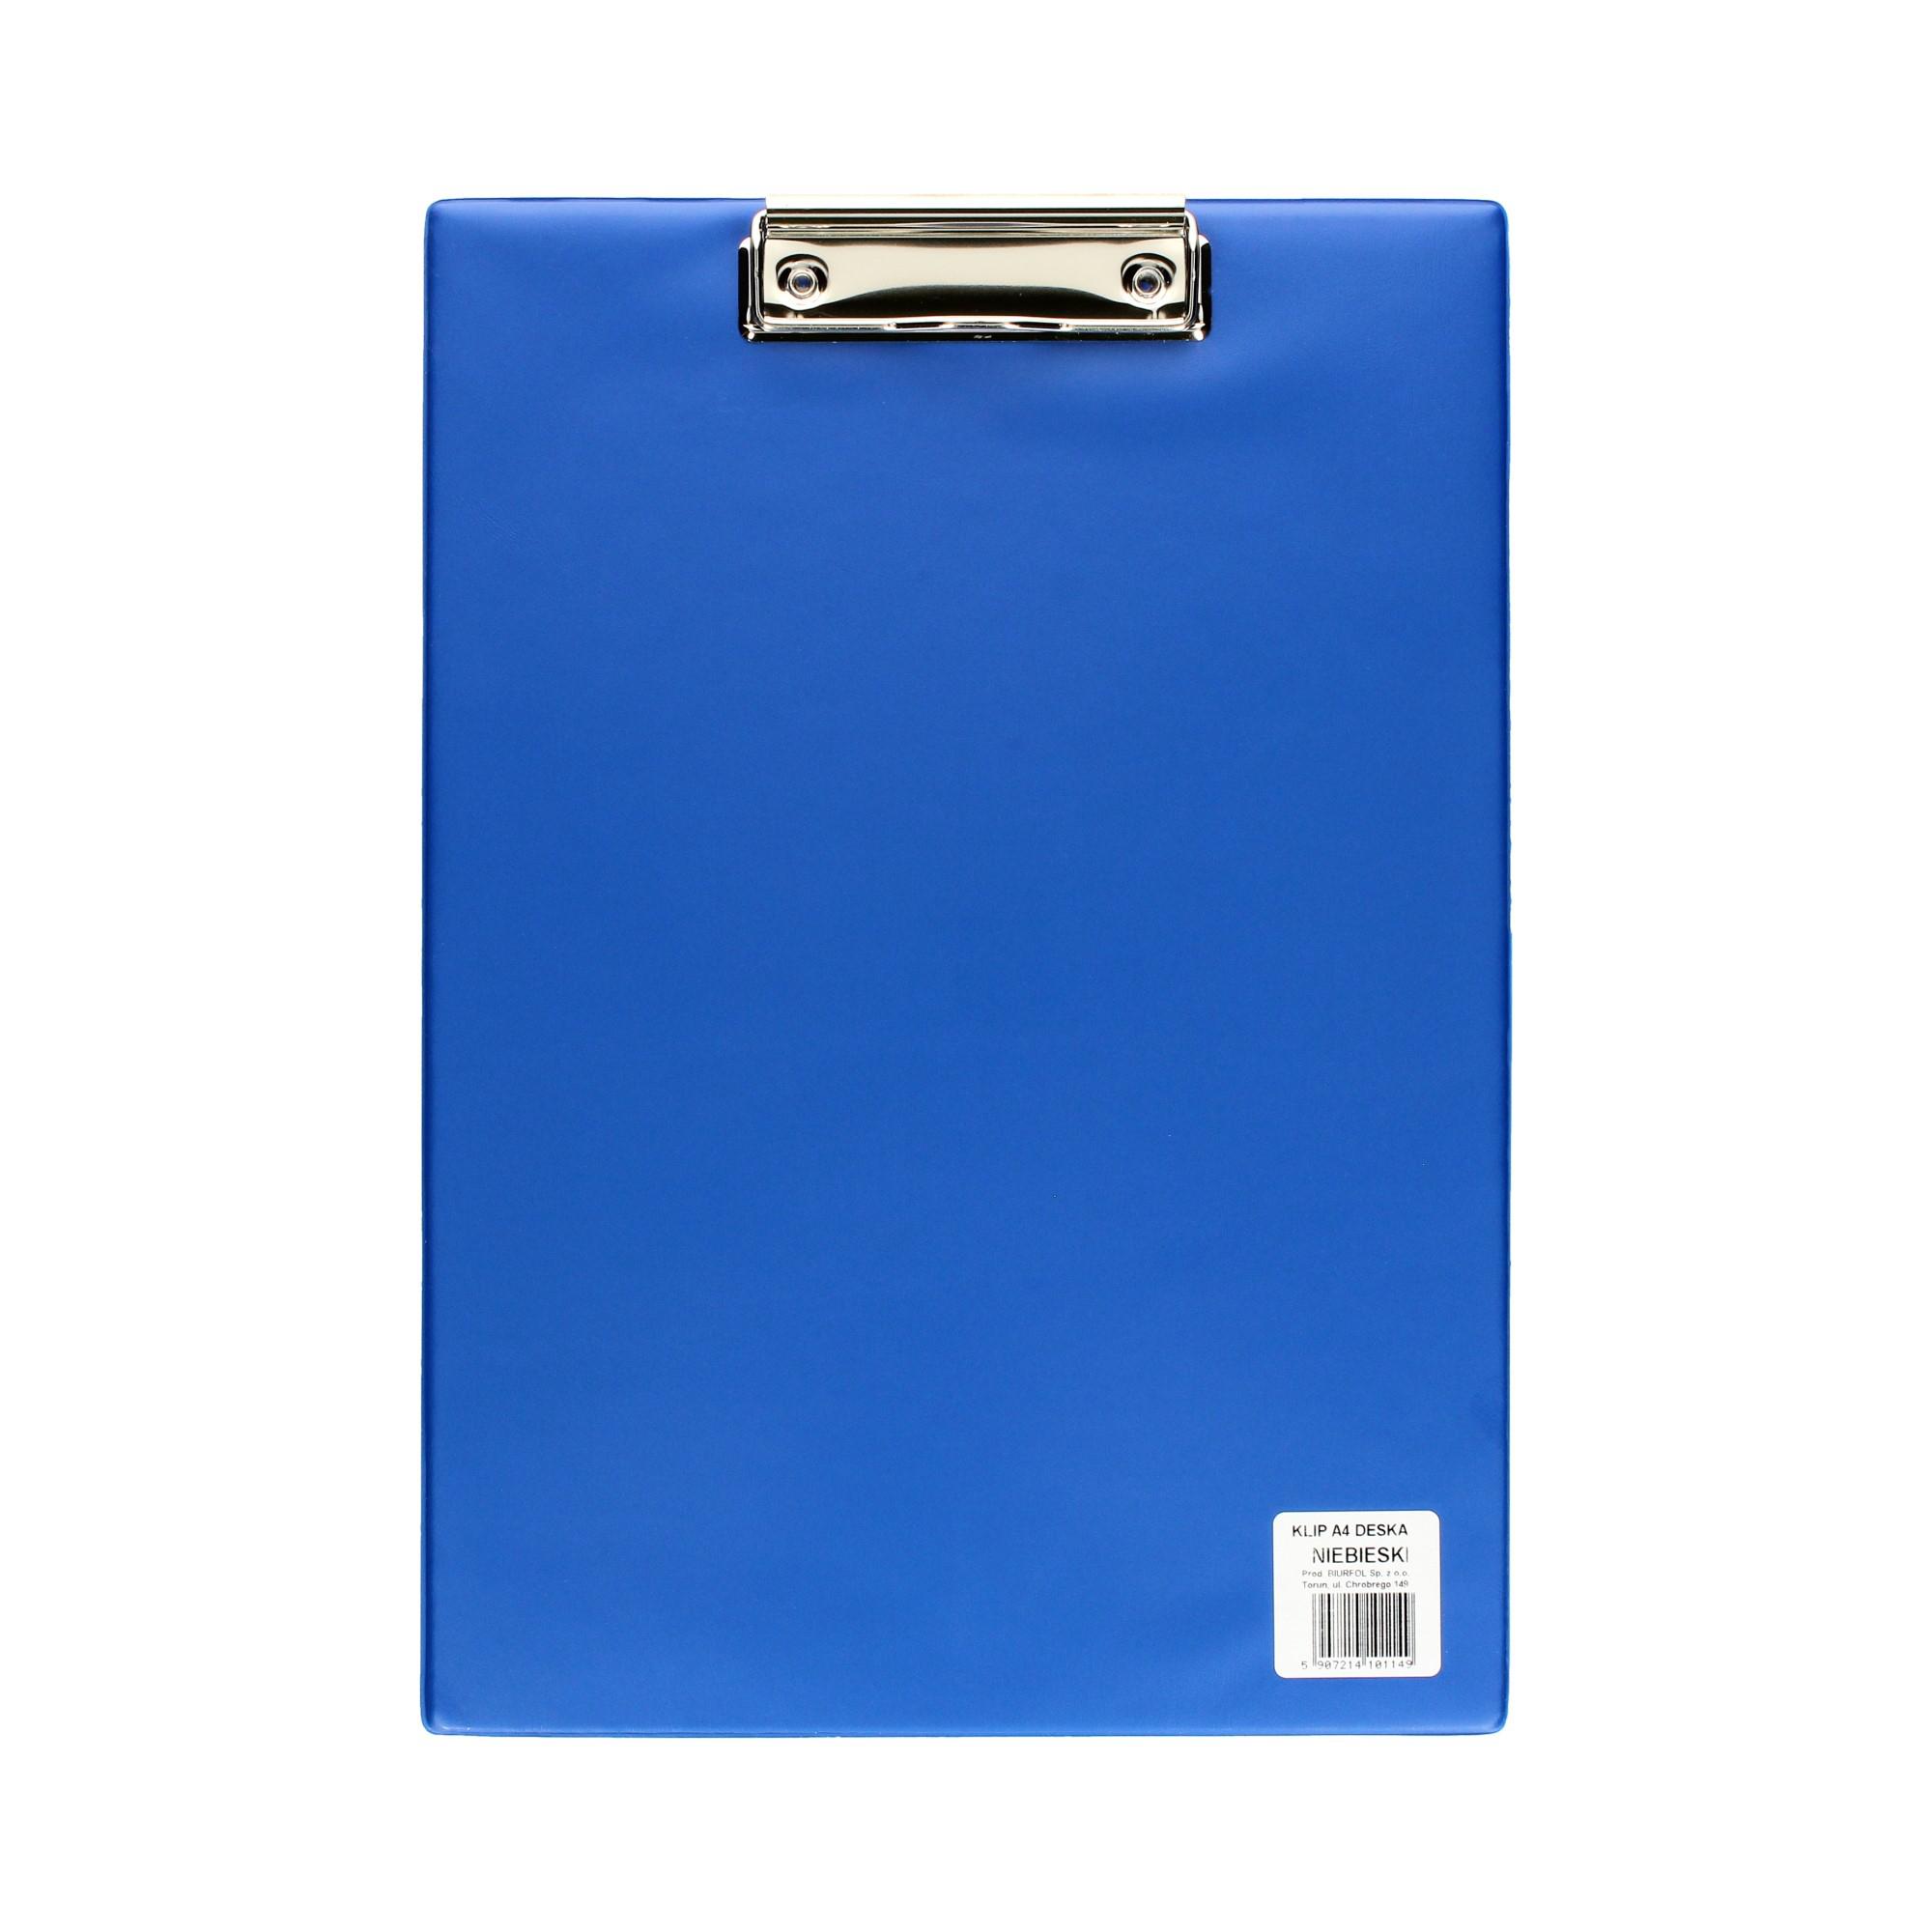 Deska klip A4 niebieska Biurfol